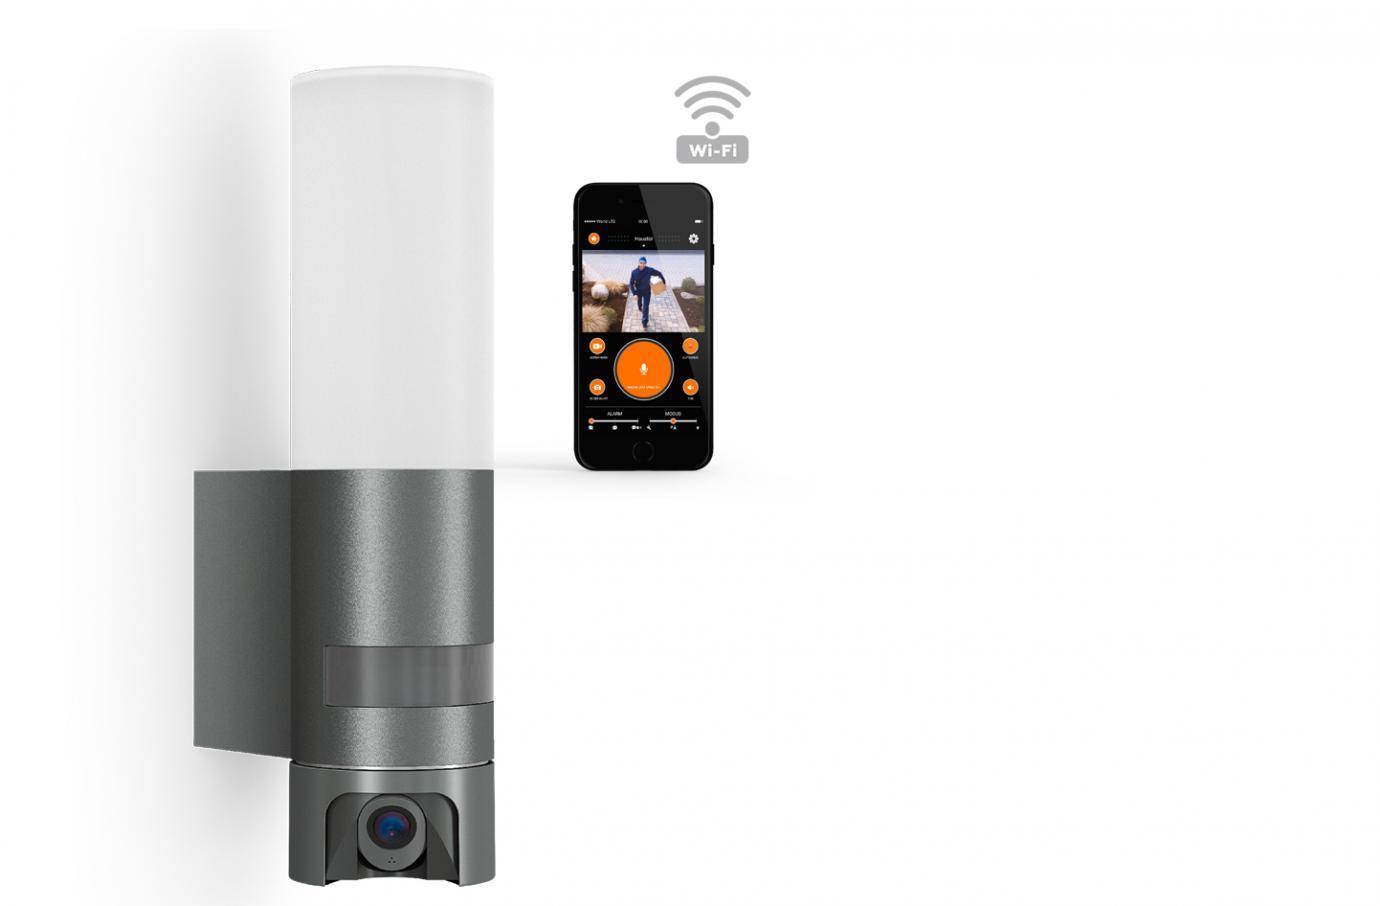 Buitenlamp met camera en intercom systeem